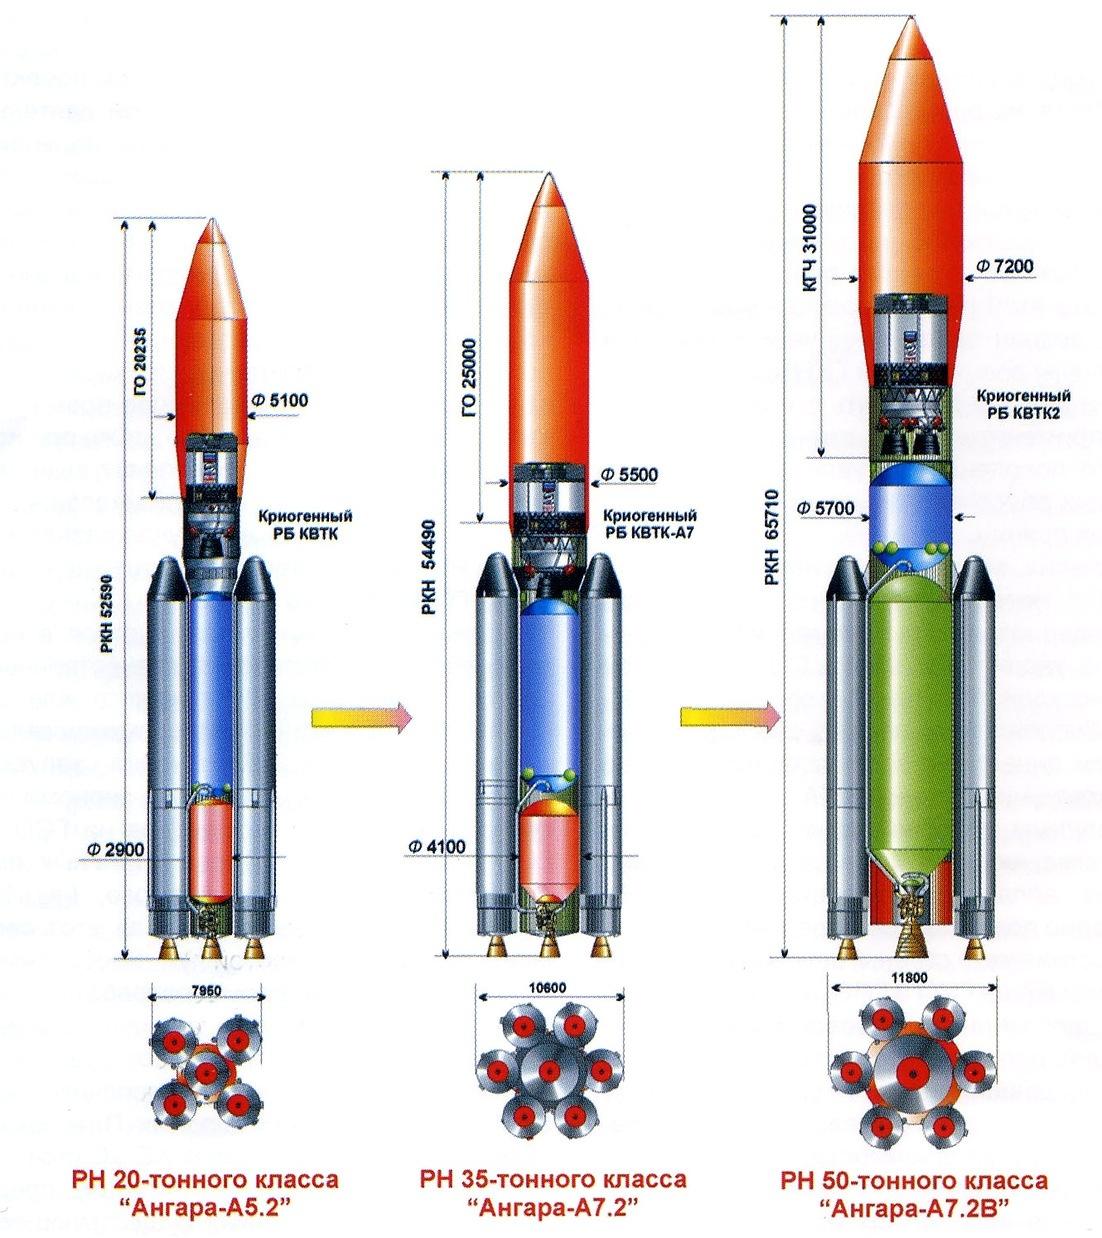 Ракета-носитель «Союз-2-1В» - samspace.ru